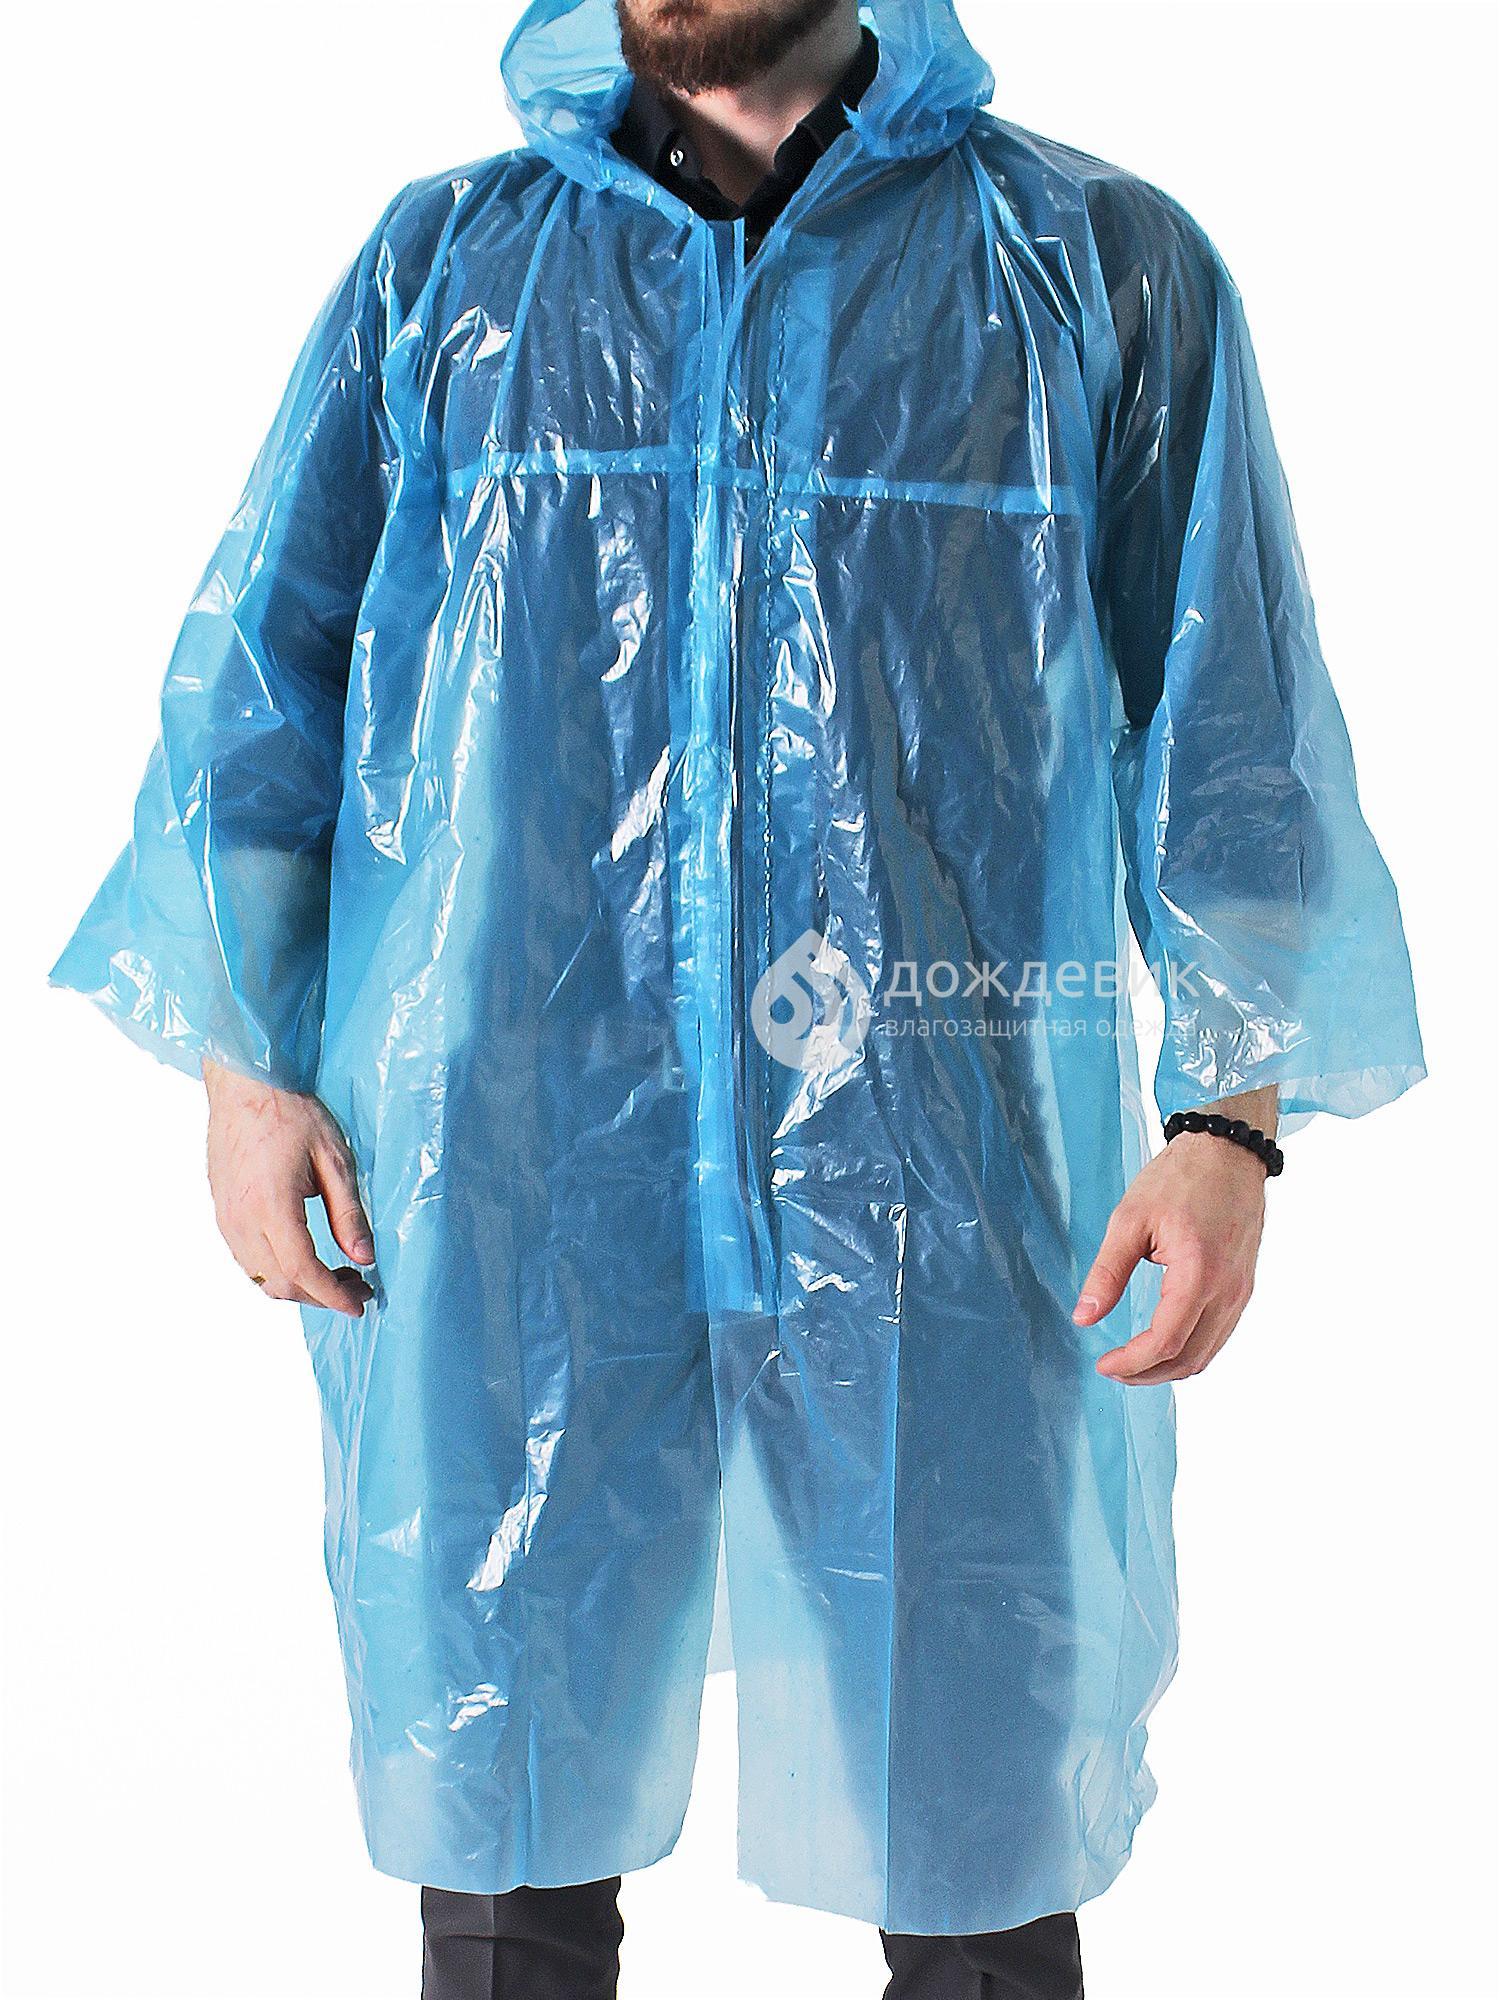 Плащ-дождевик универсальный с капюшоном на молнии голубой